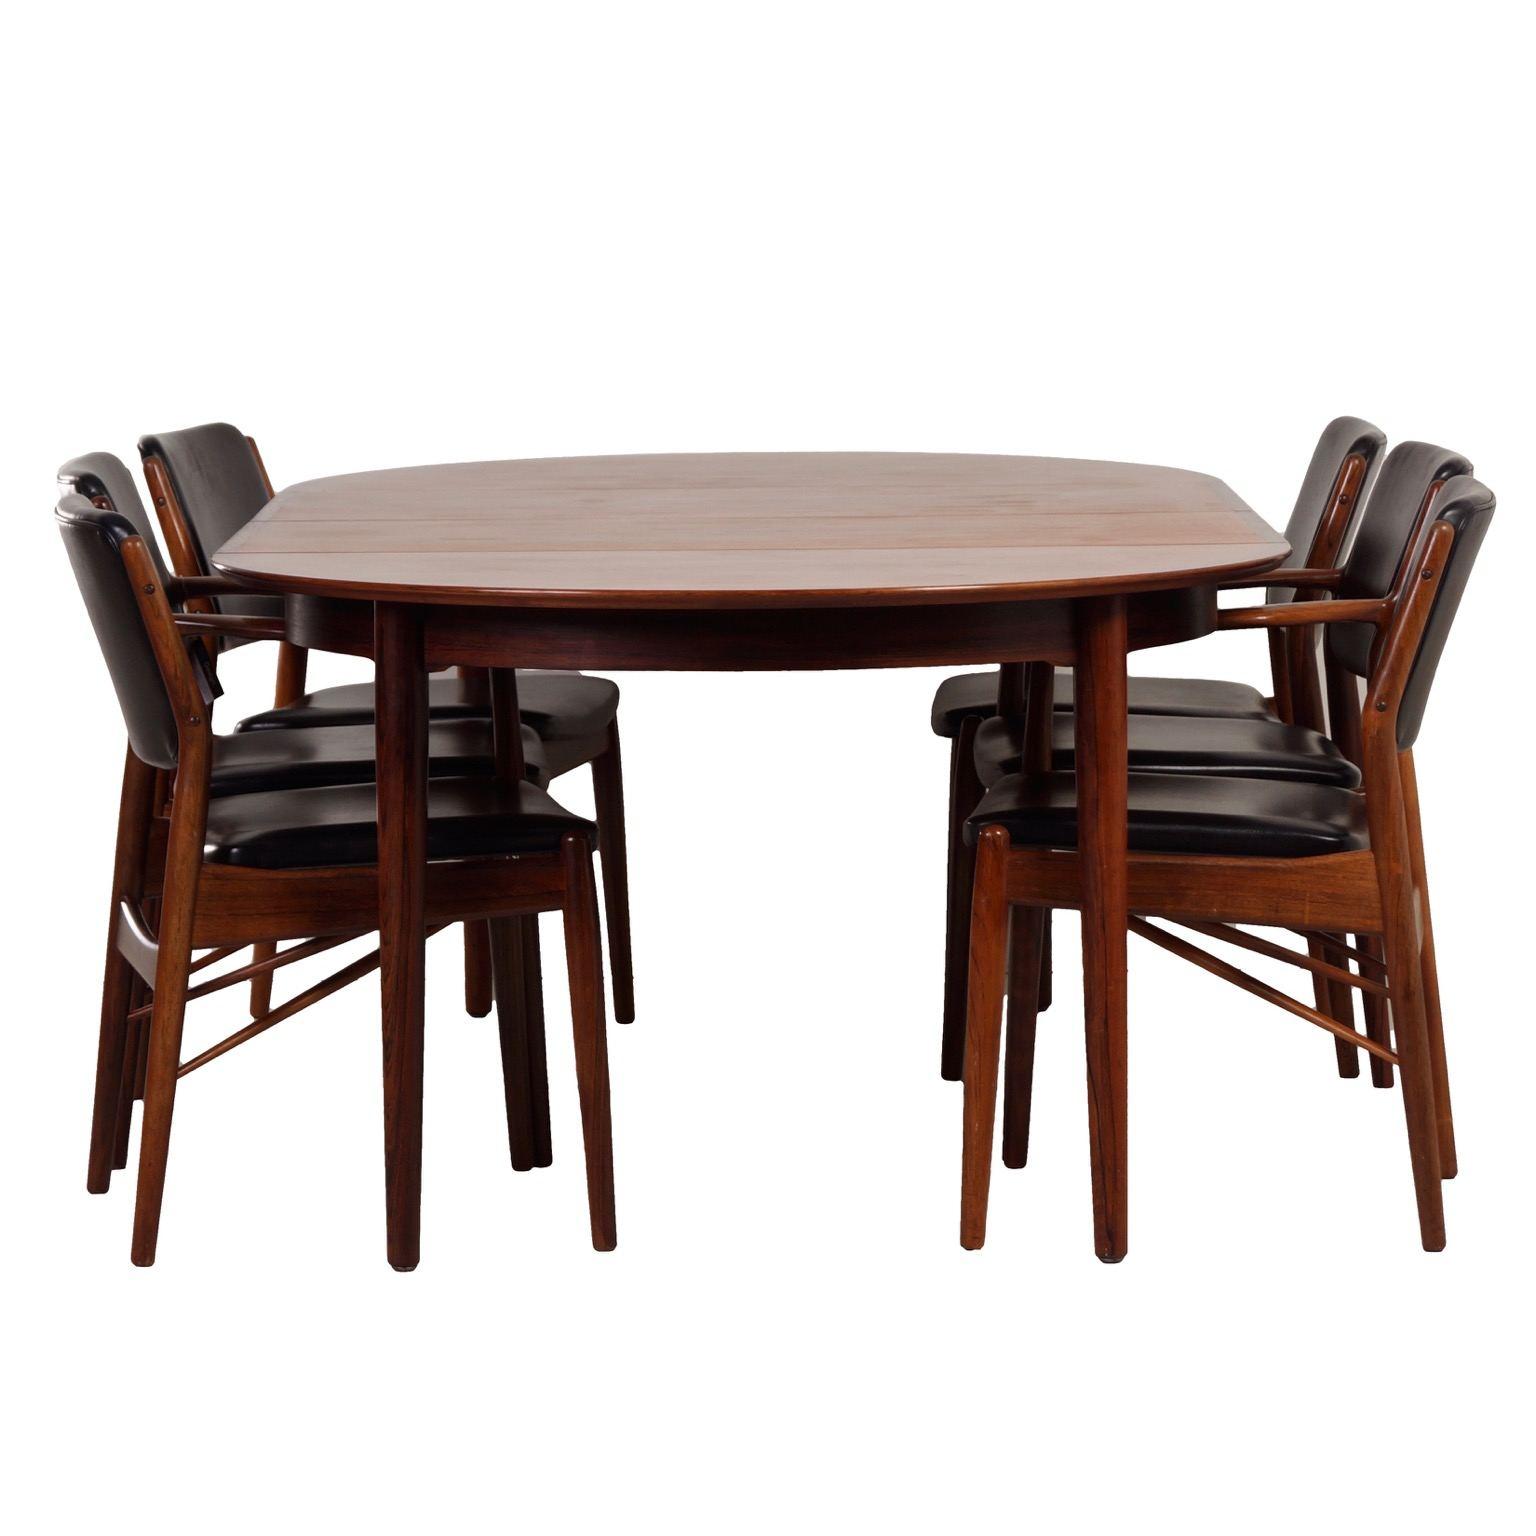 Vintage Design Rosewood Dining Set By Arne Vodder For Sibast